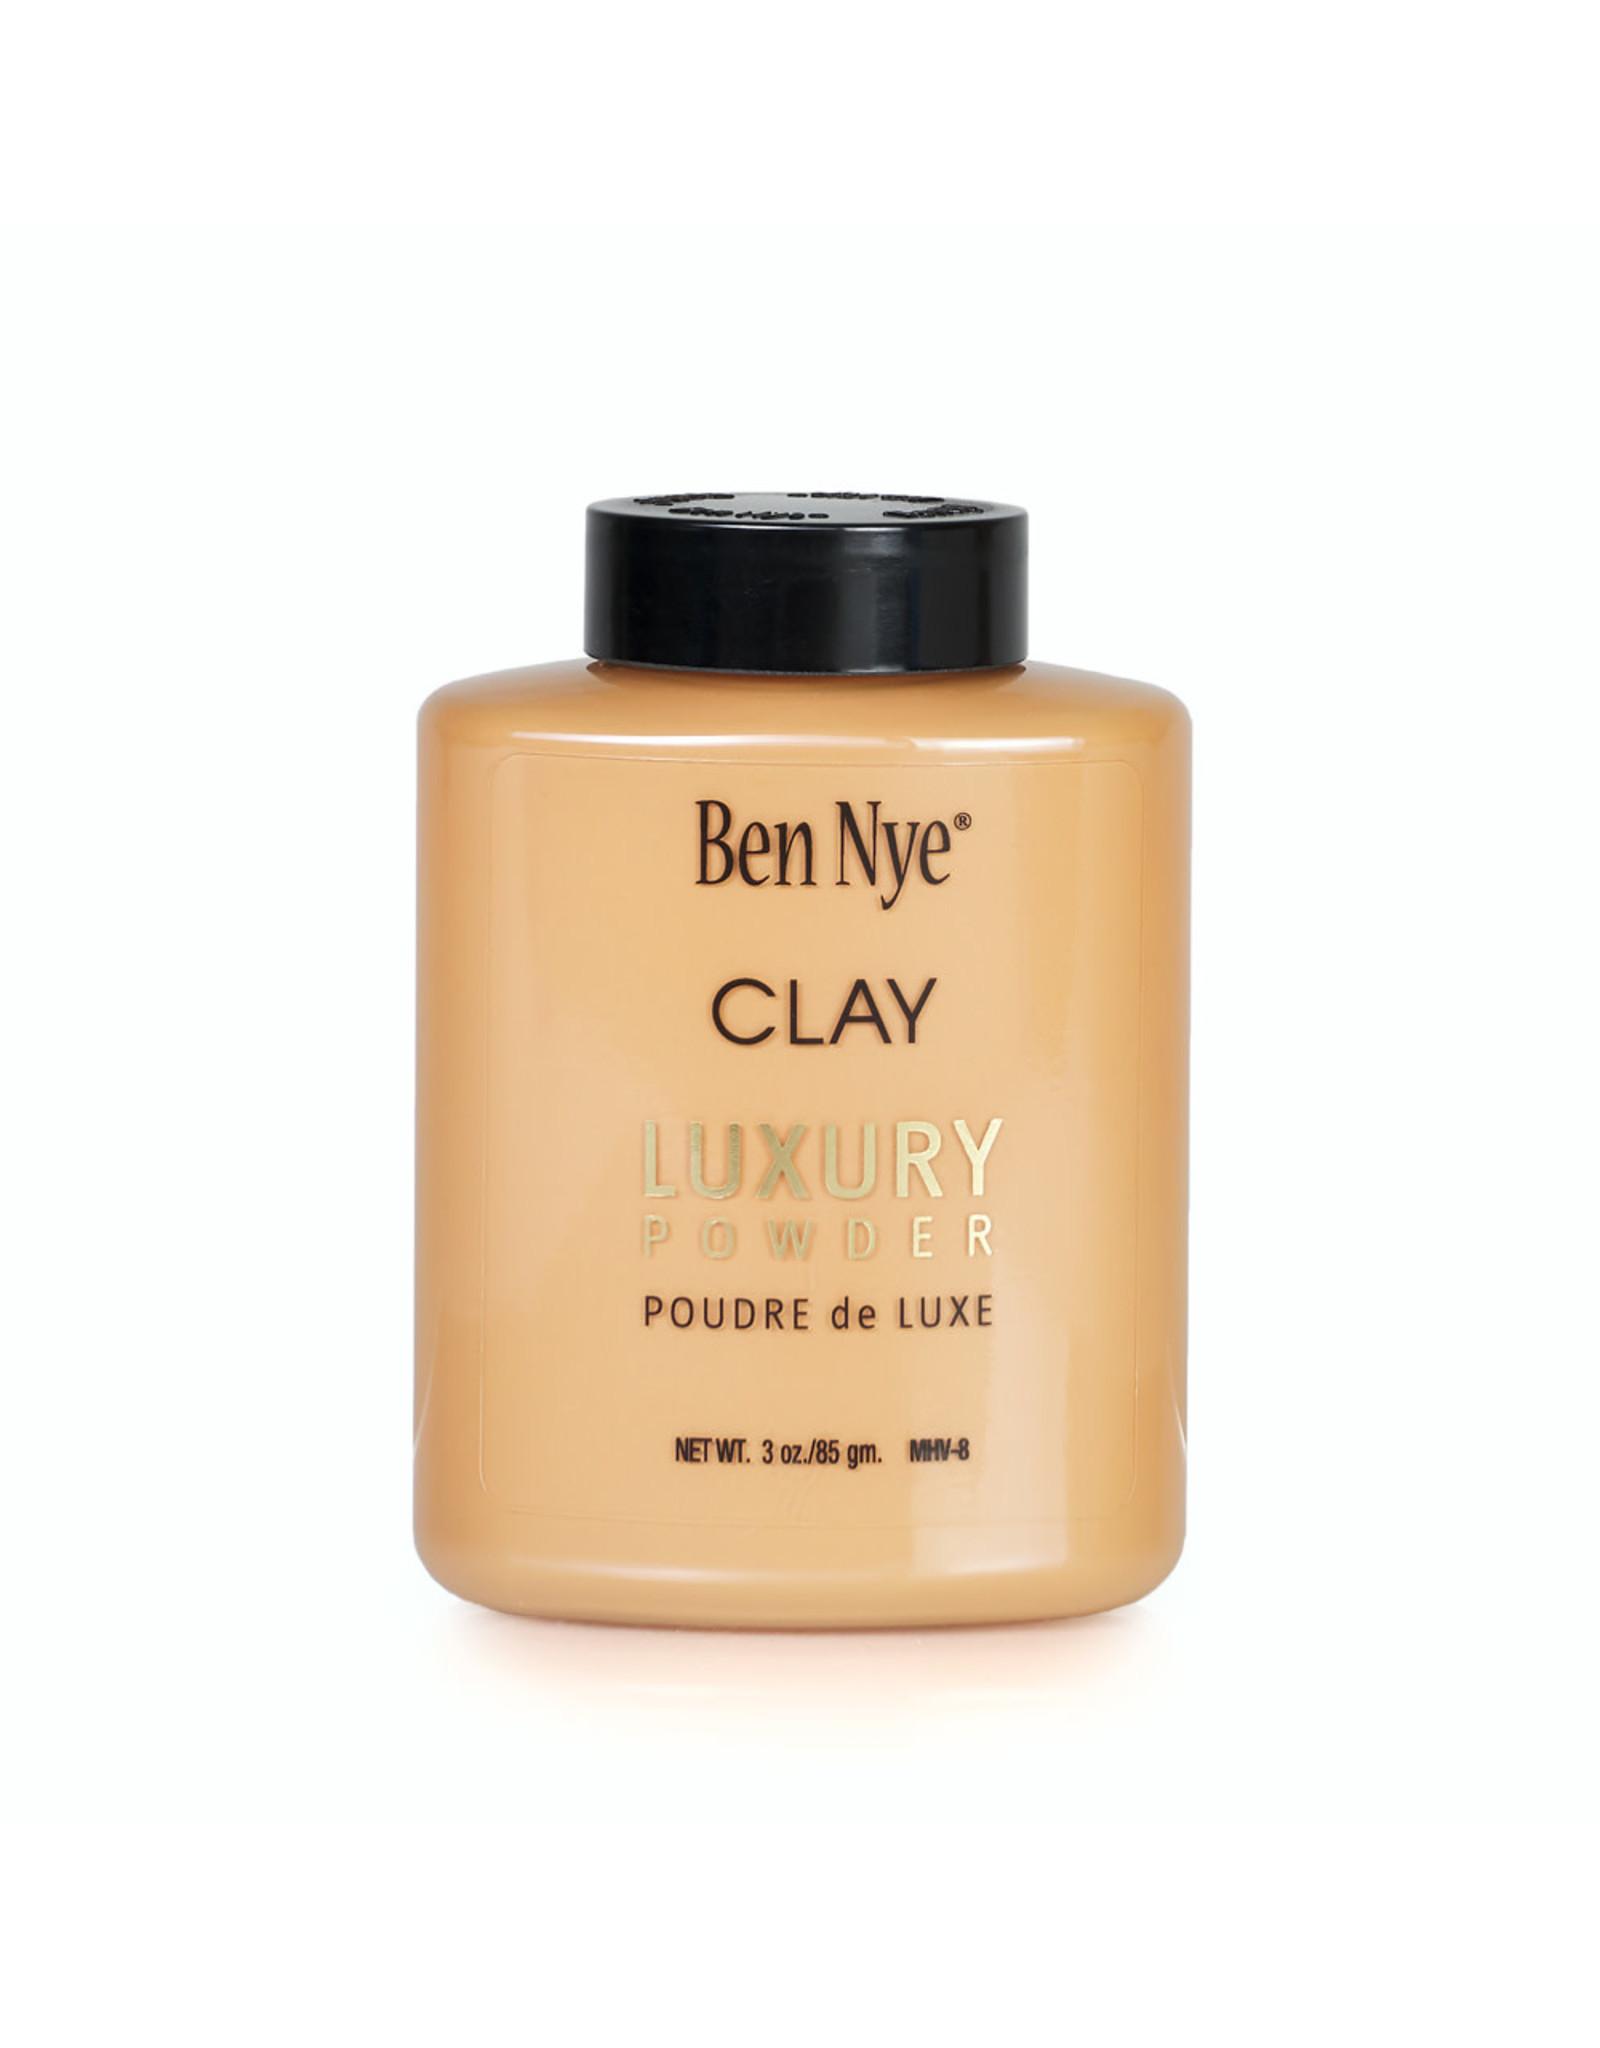 Ben Nye Ben Nye Clay Luxury Powder